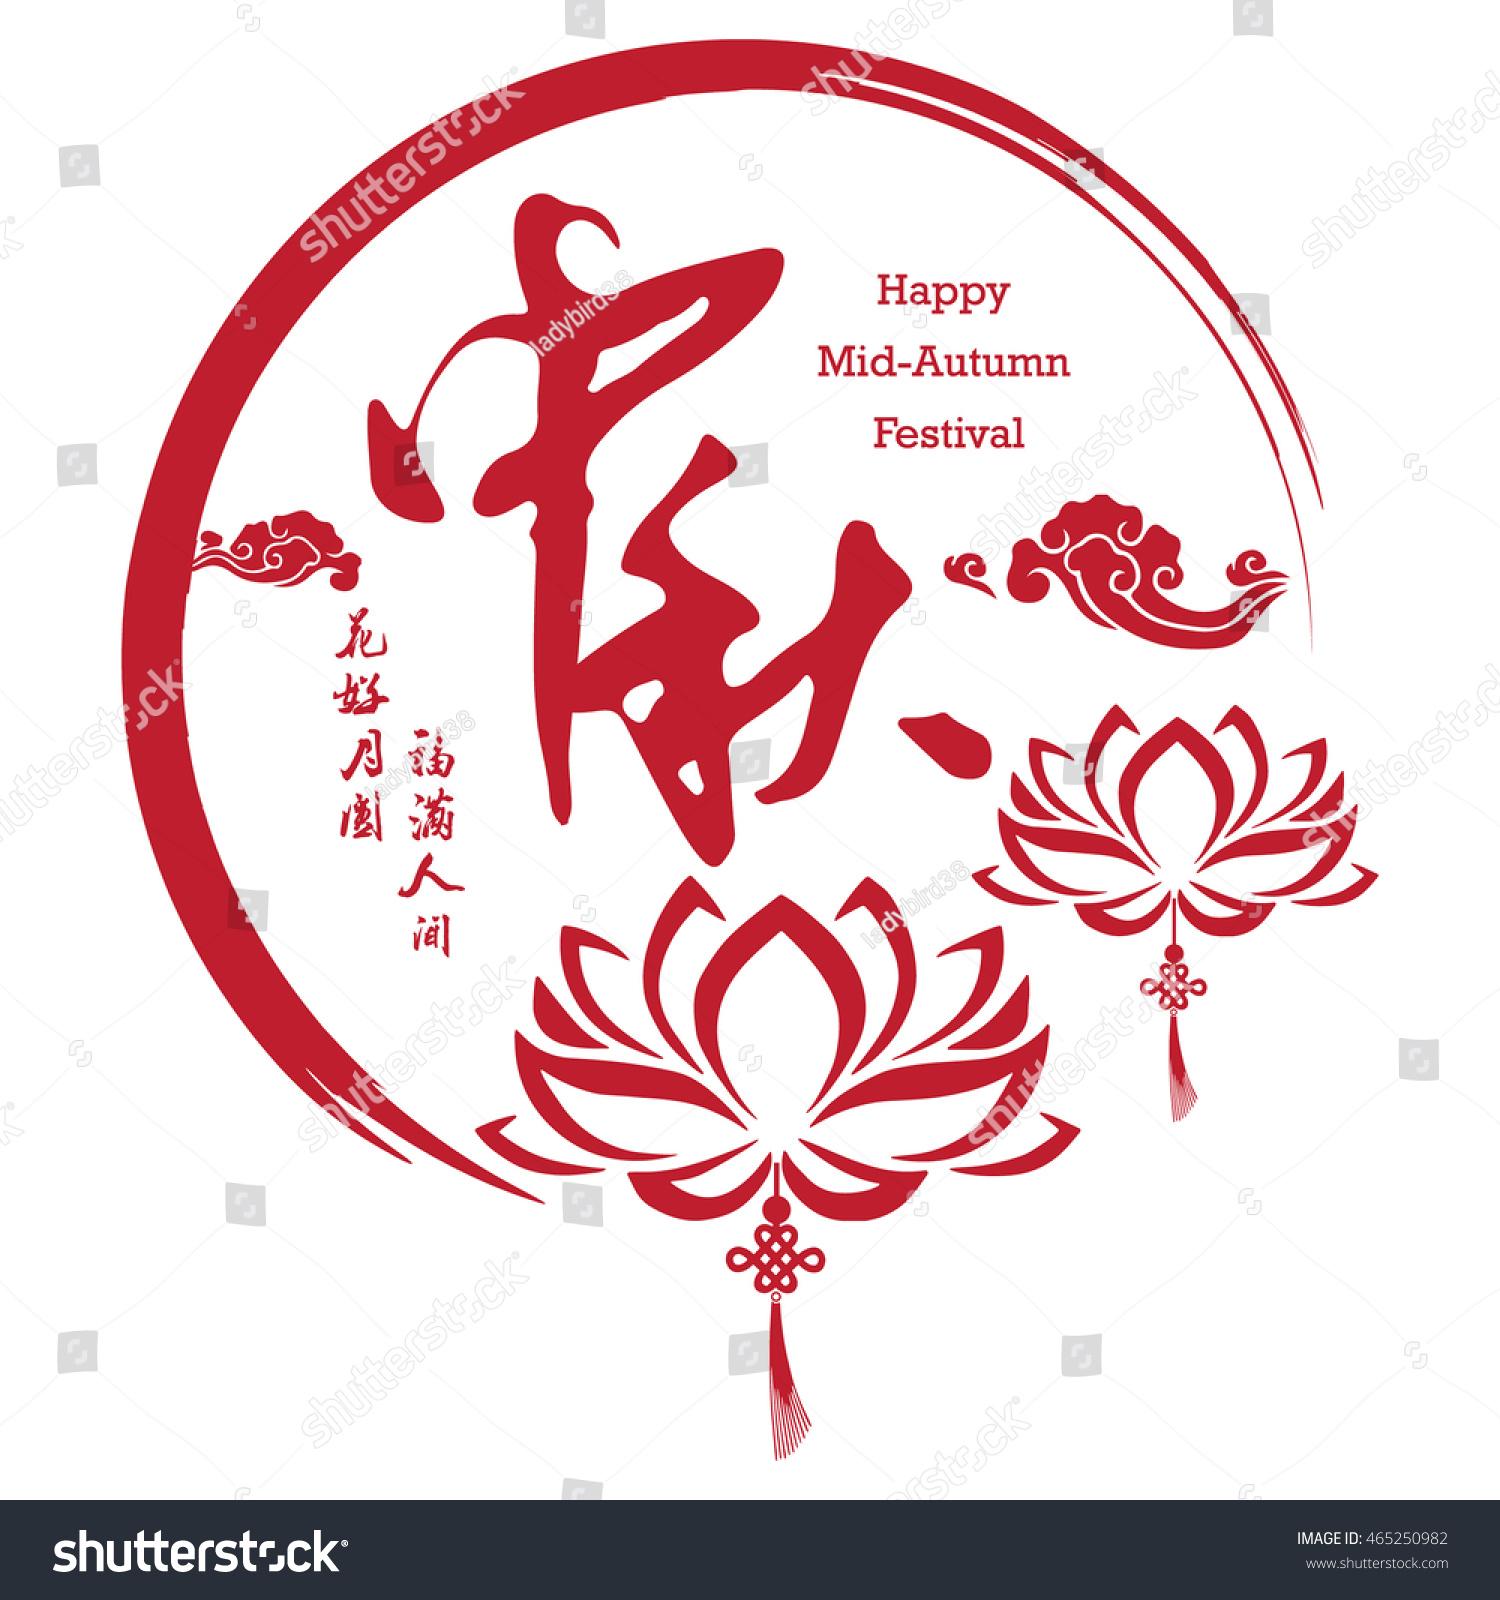 Chinese mid autumn festival symbol chinese stock vector 465250982 chinese mid autumn festival symbol chinese mid autumn festival graphic design chinese character buycottarizona Images